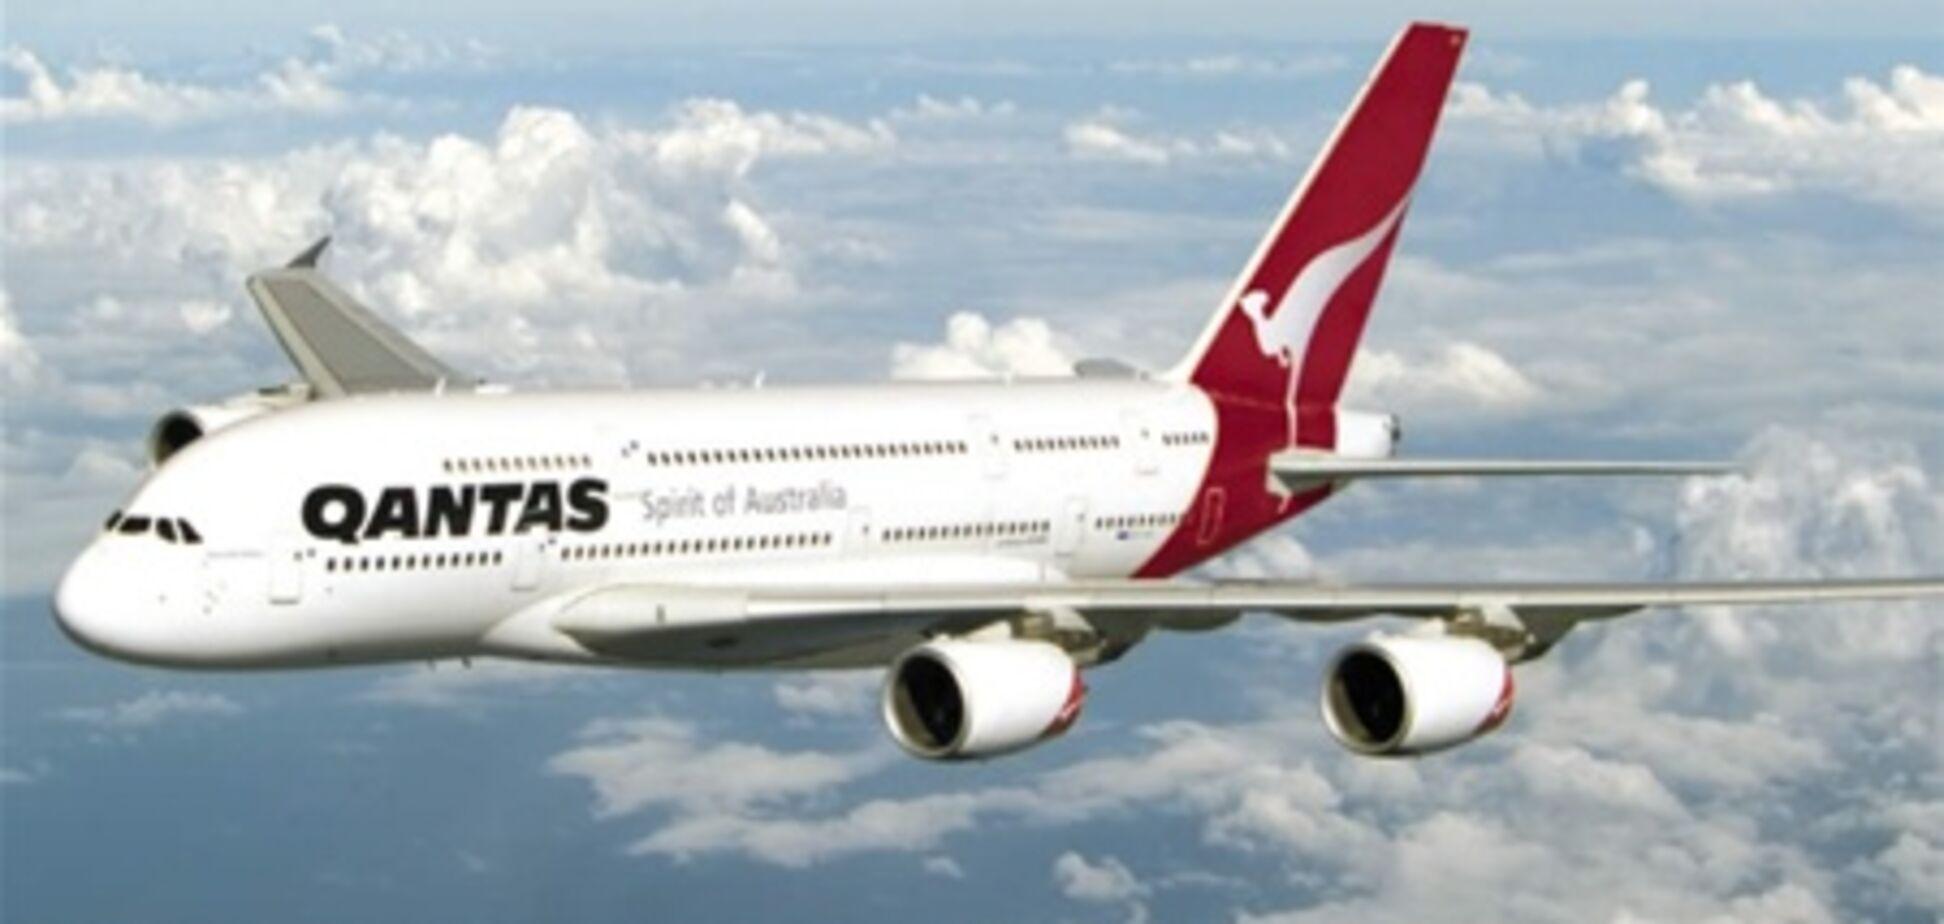 Як усуваються неполадки в Qantas - в авіакомпанії без єдиної авіакатастрофи